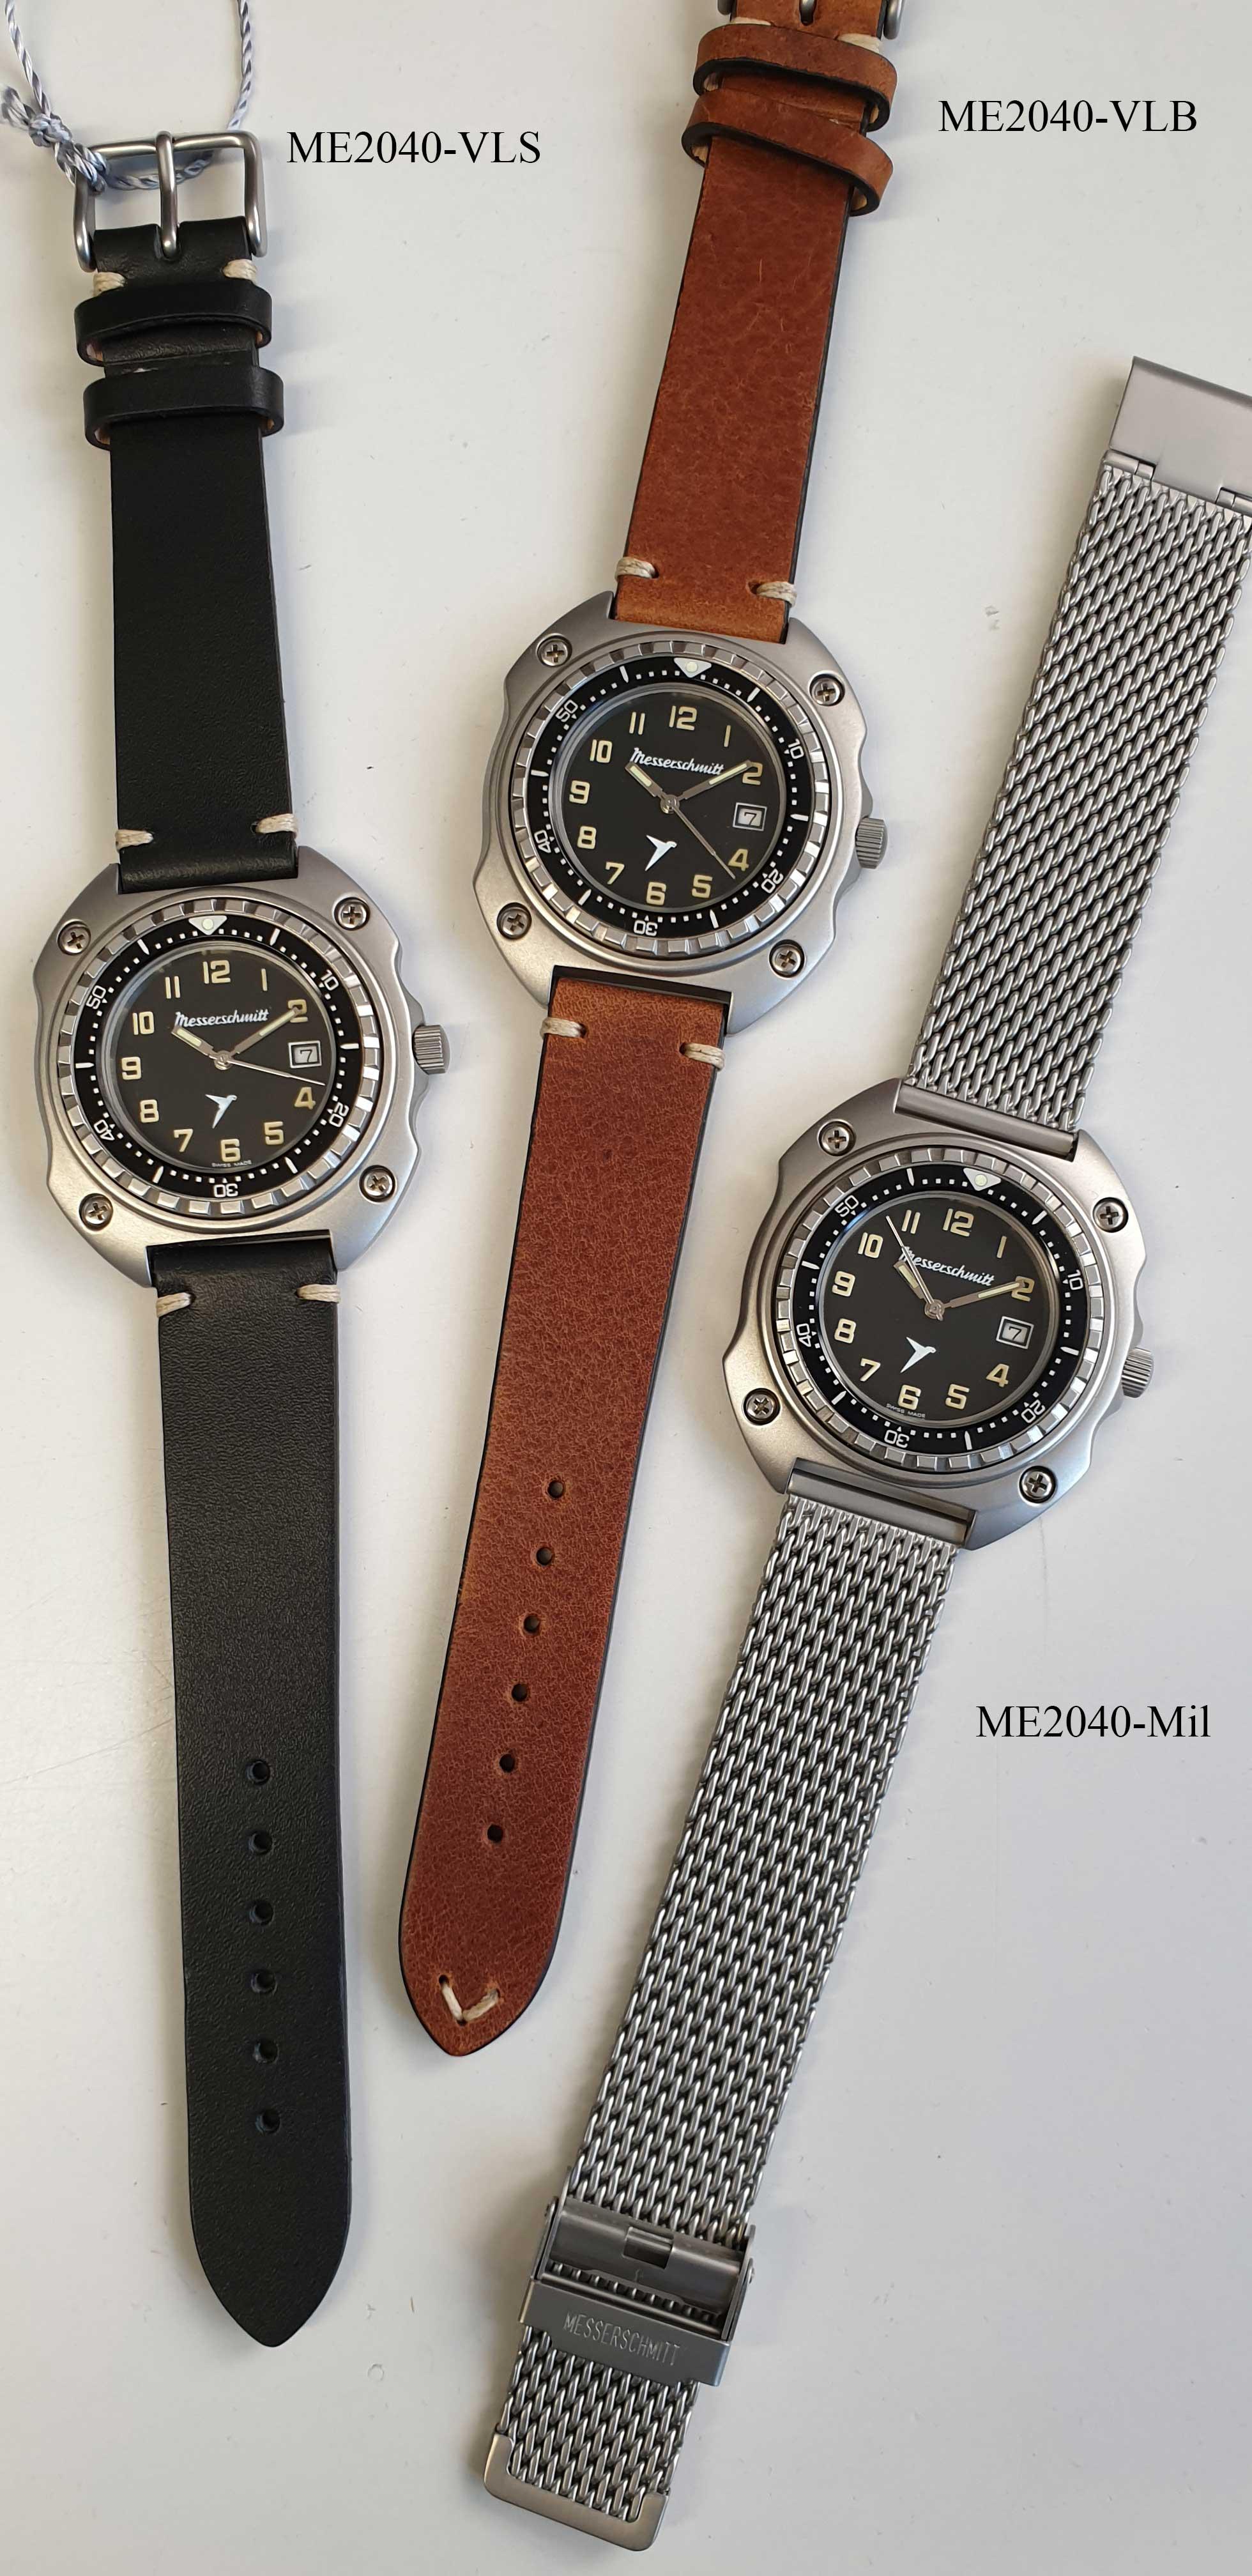 Messerschmitt's new Retro Diver ME2040